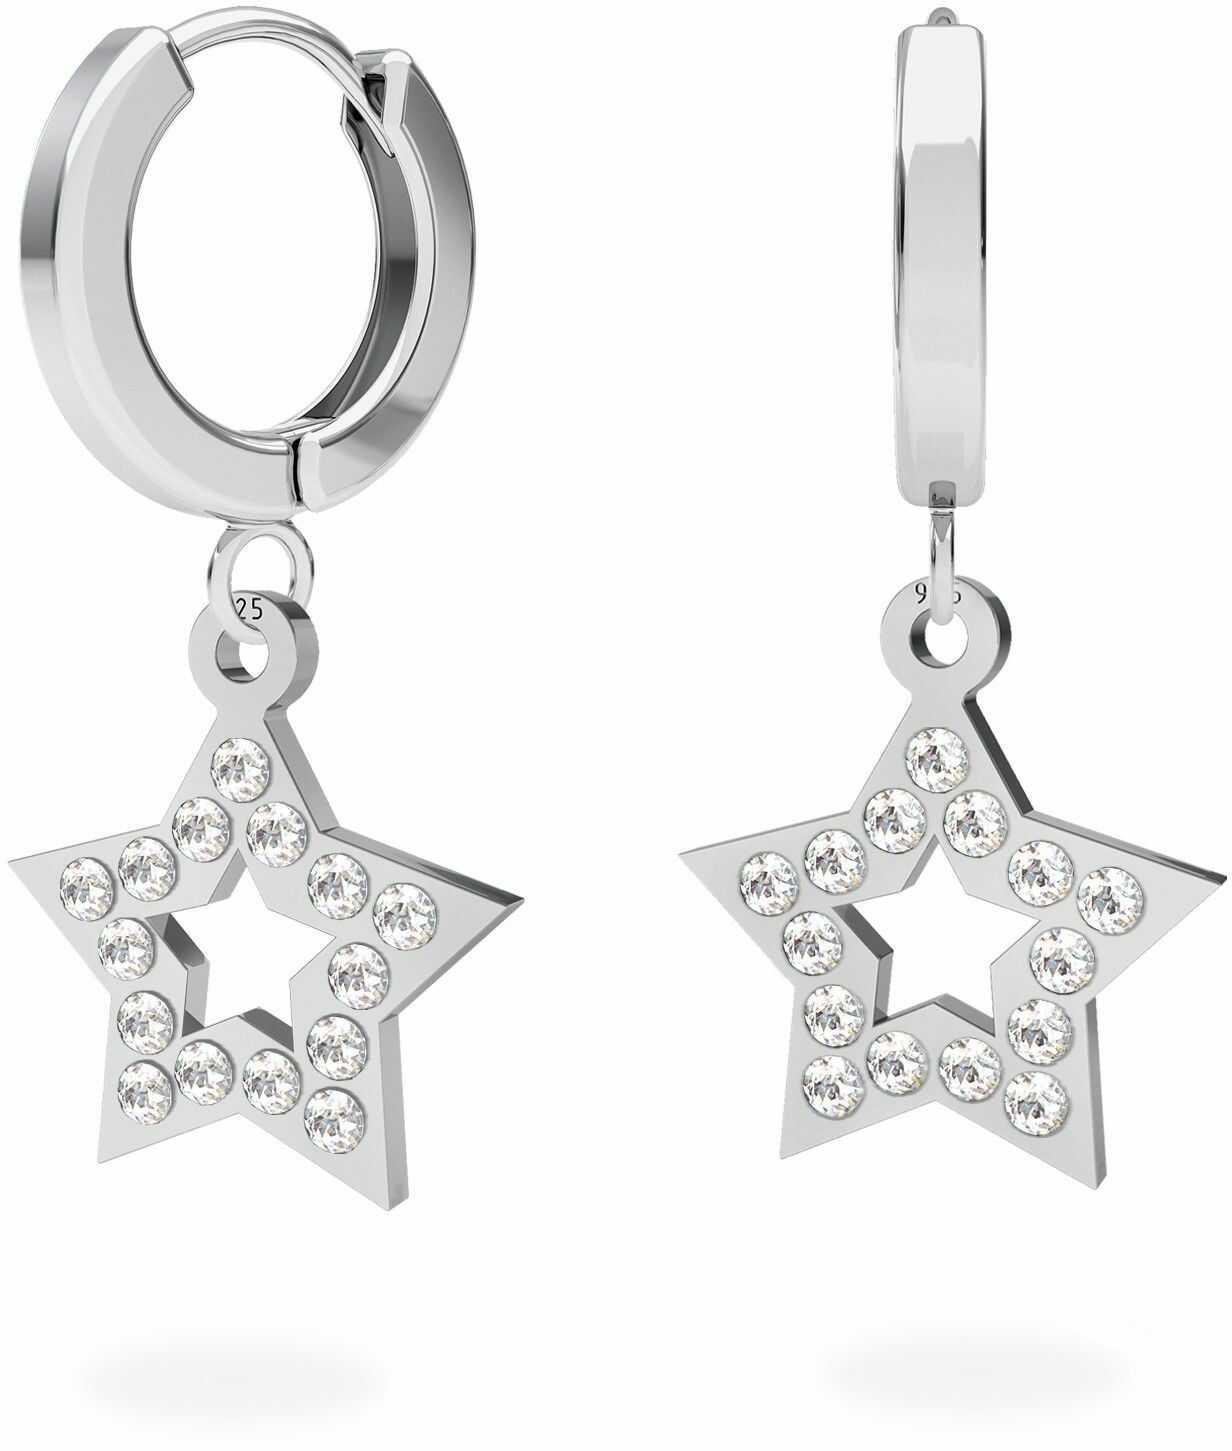 Srebrne kolczyki gwiazdki z kryształami Swarovskiego : Srebro - kolor pokrycia - Pokrycie platyną